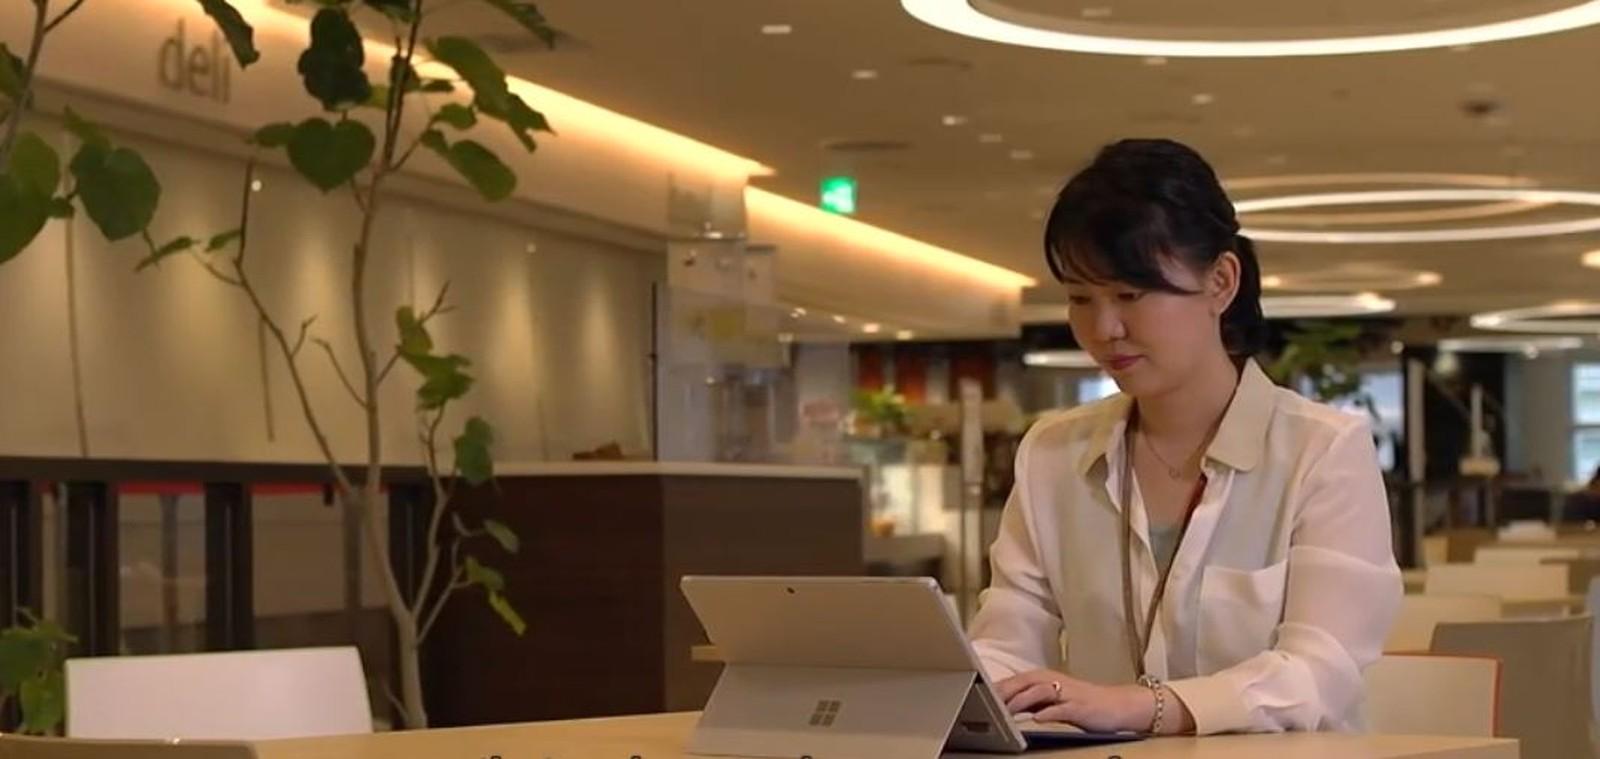 Microsoft do Japão implanta fim de semana de três dias e produtividade aumenta 40%